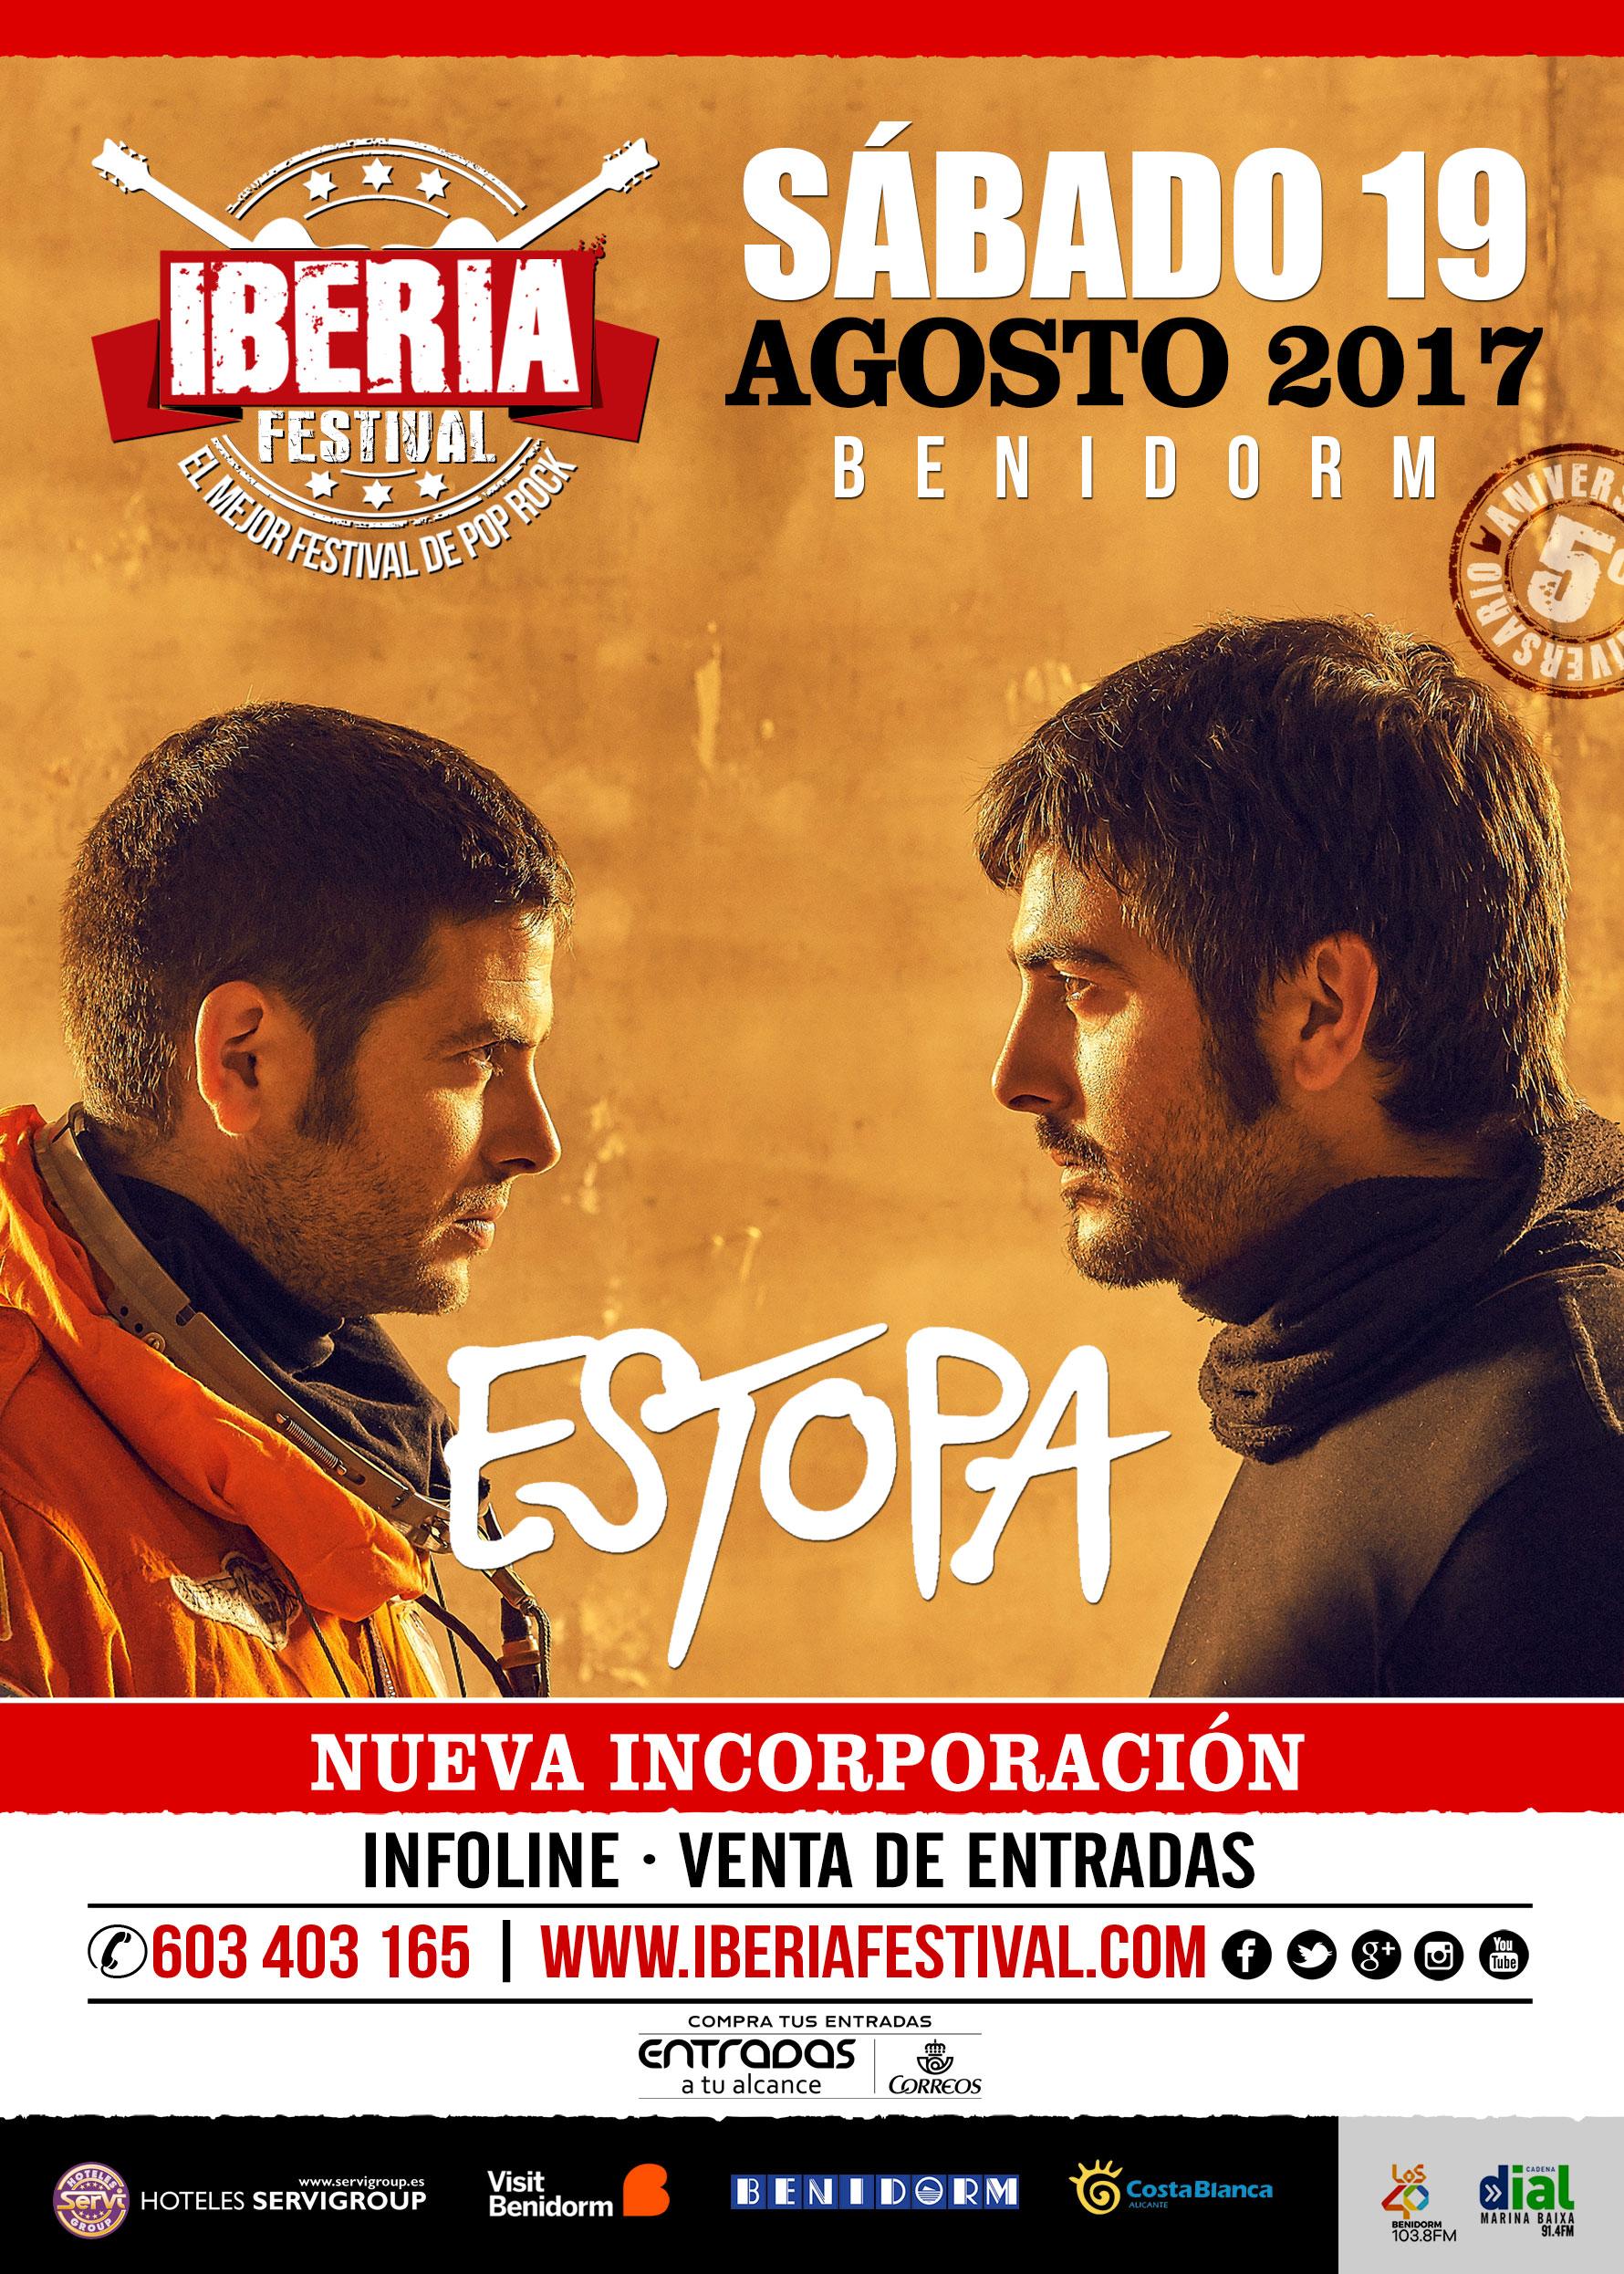 Confirmación. Estopa en Iberia Festival-Benidorm 2017